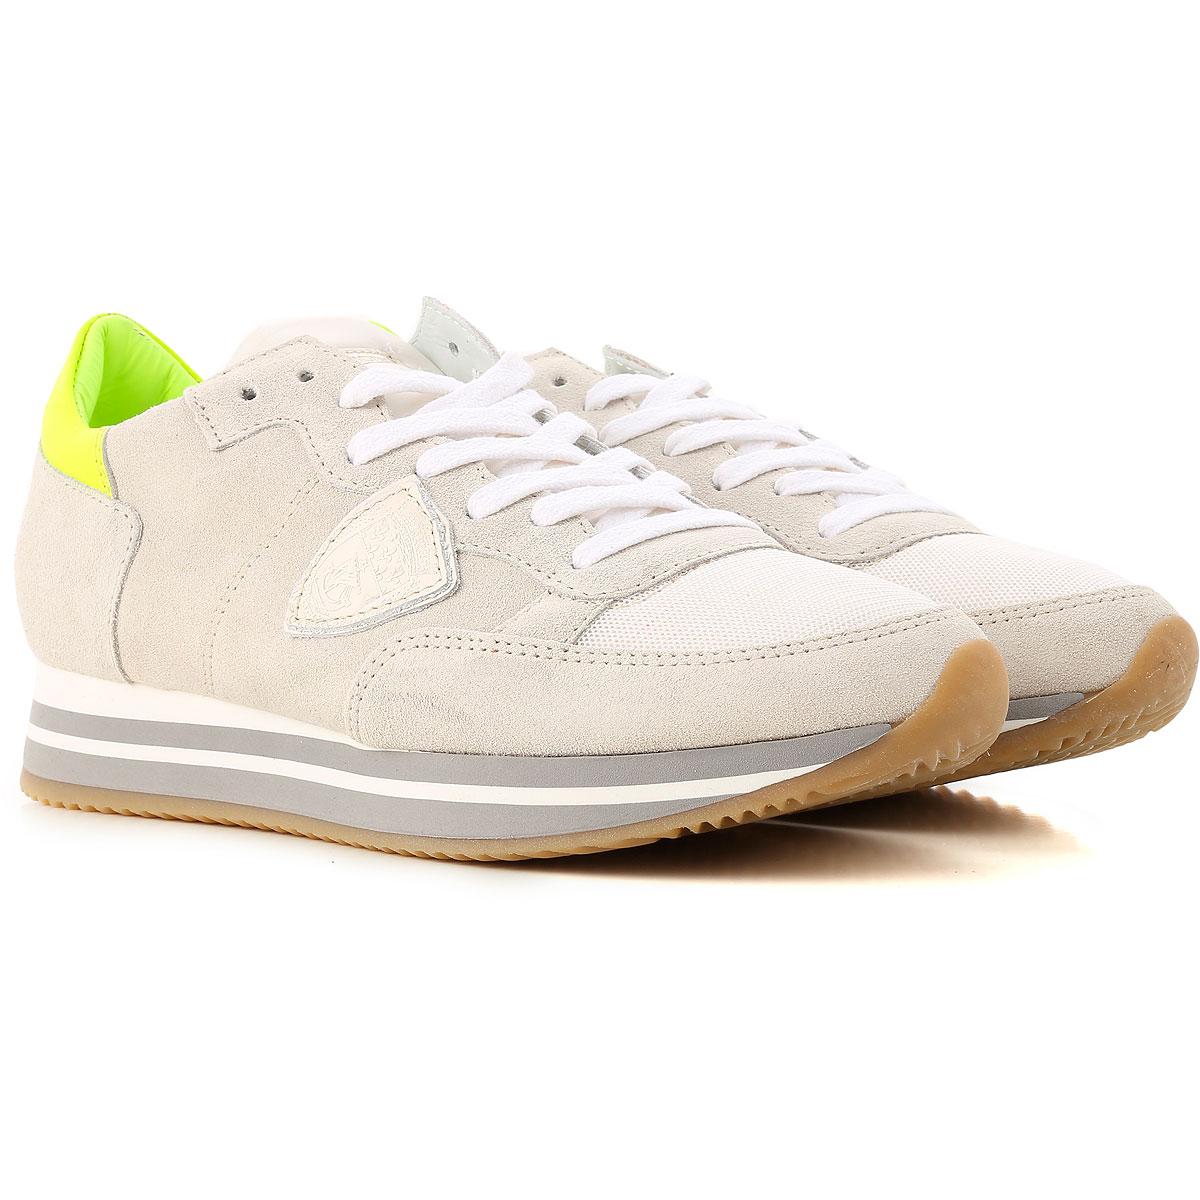 Philippe Model Sneakers voor Dames In Aanbieding, Grijs, Suede Leder, 2019, 37 38 40